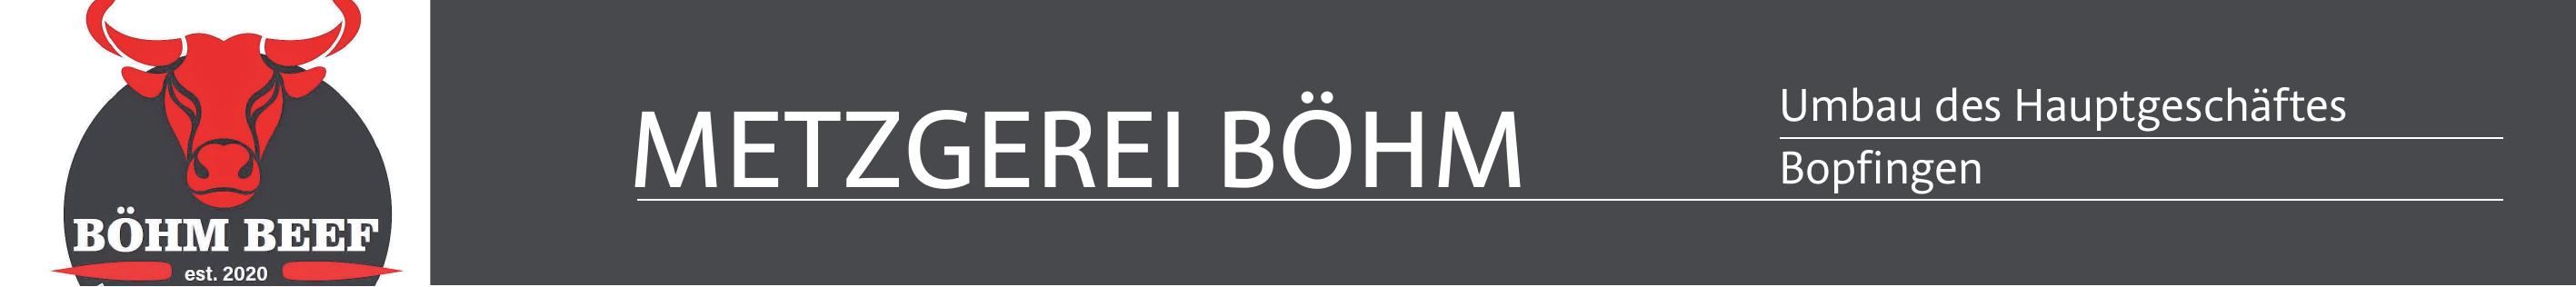 Böhm: Nur das Beste für unsere Kunden Image 1